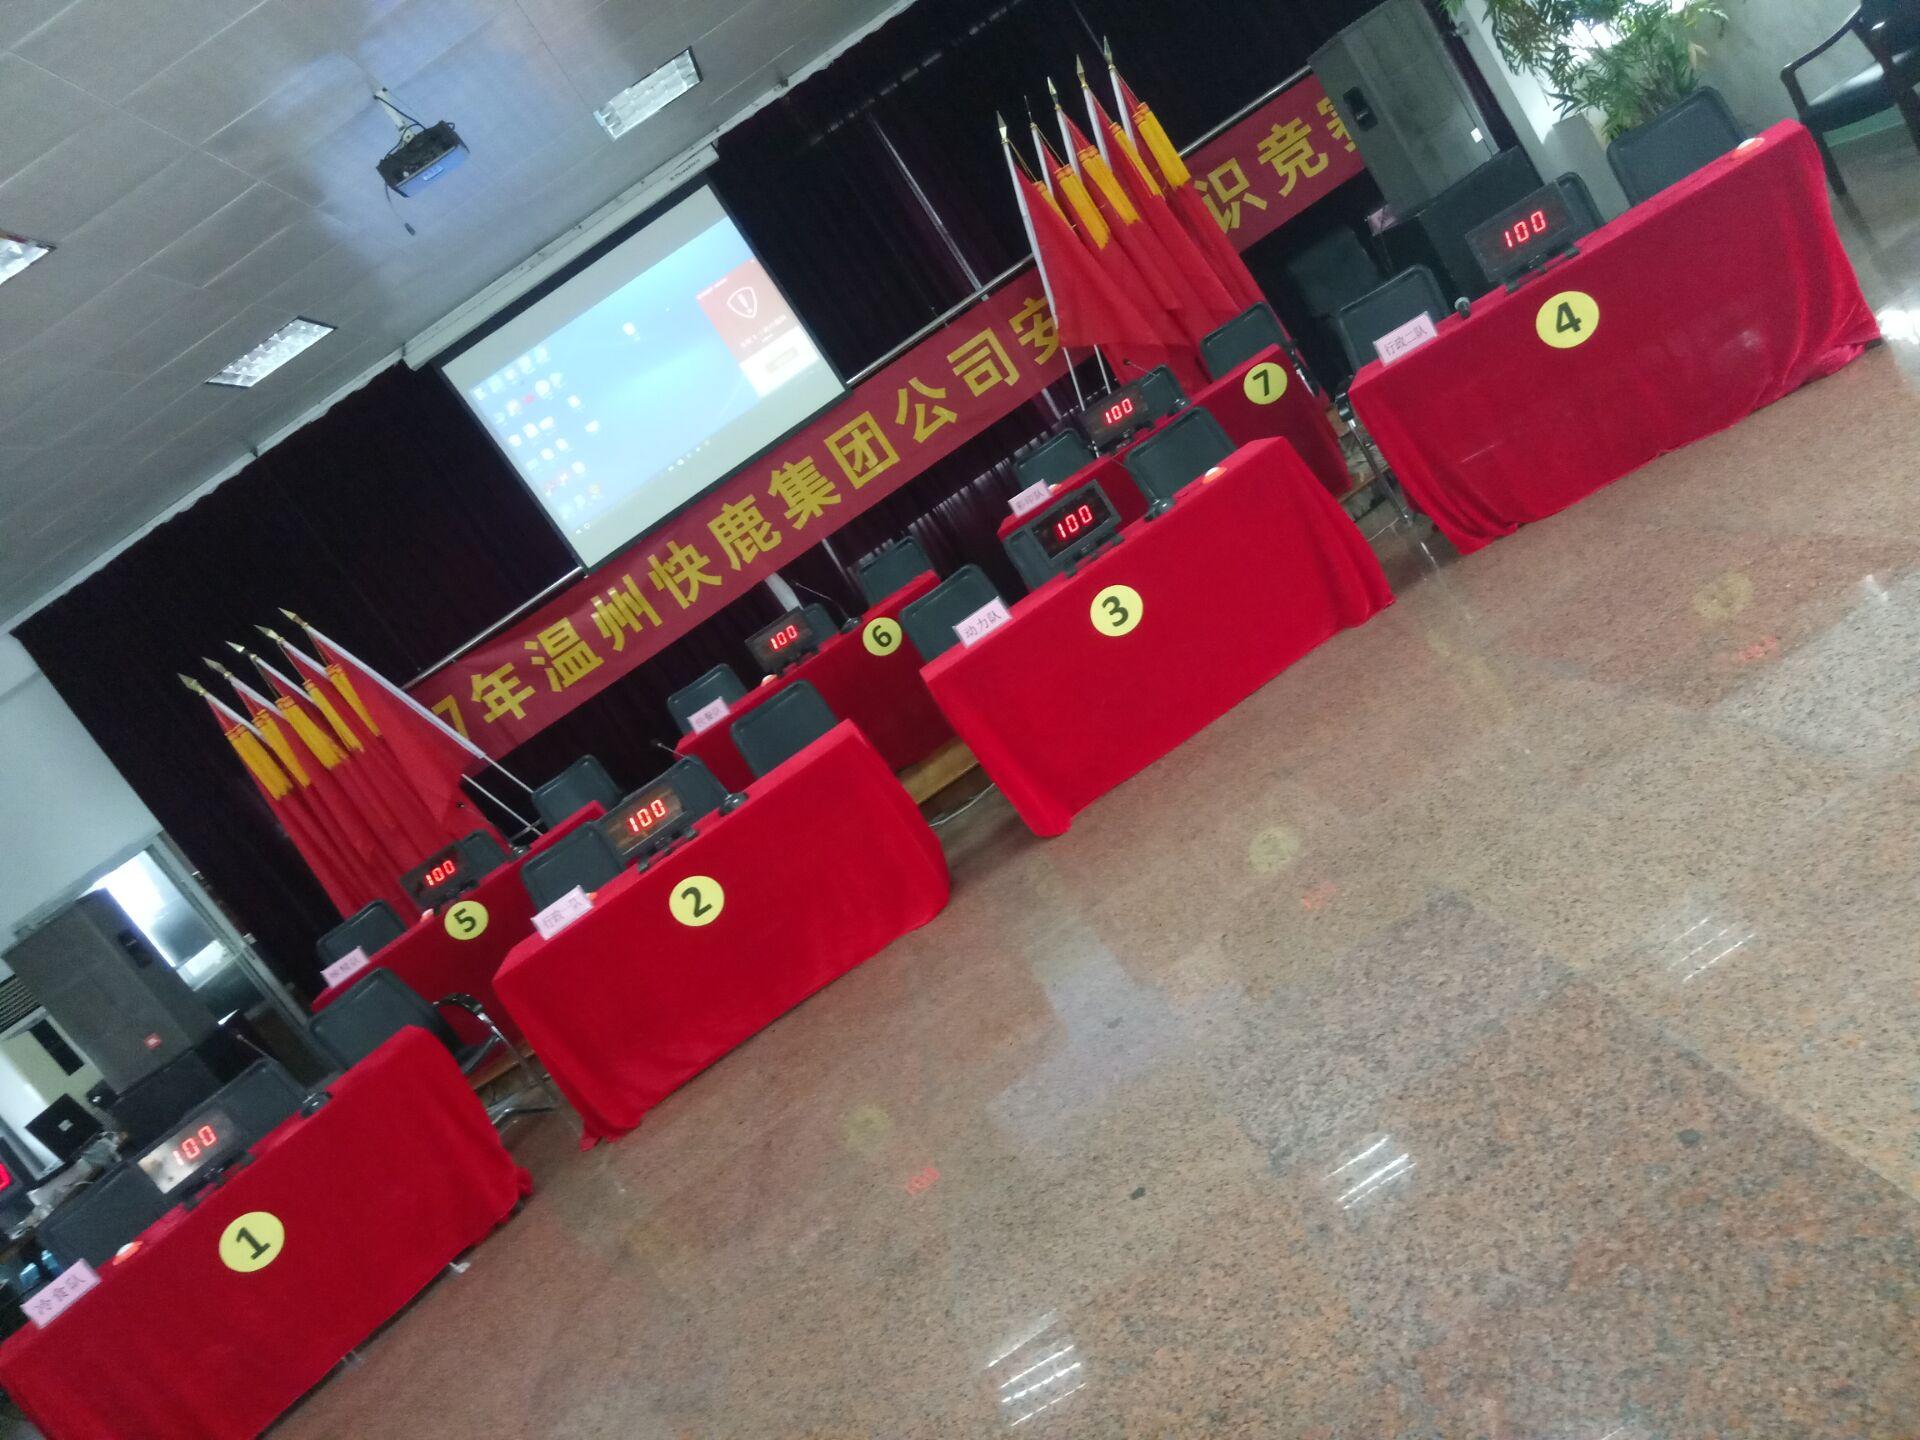 知识竞赛抢答器-- 上海映茂文化传播有限公司